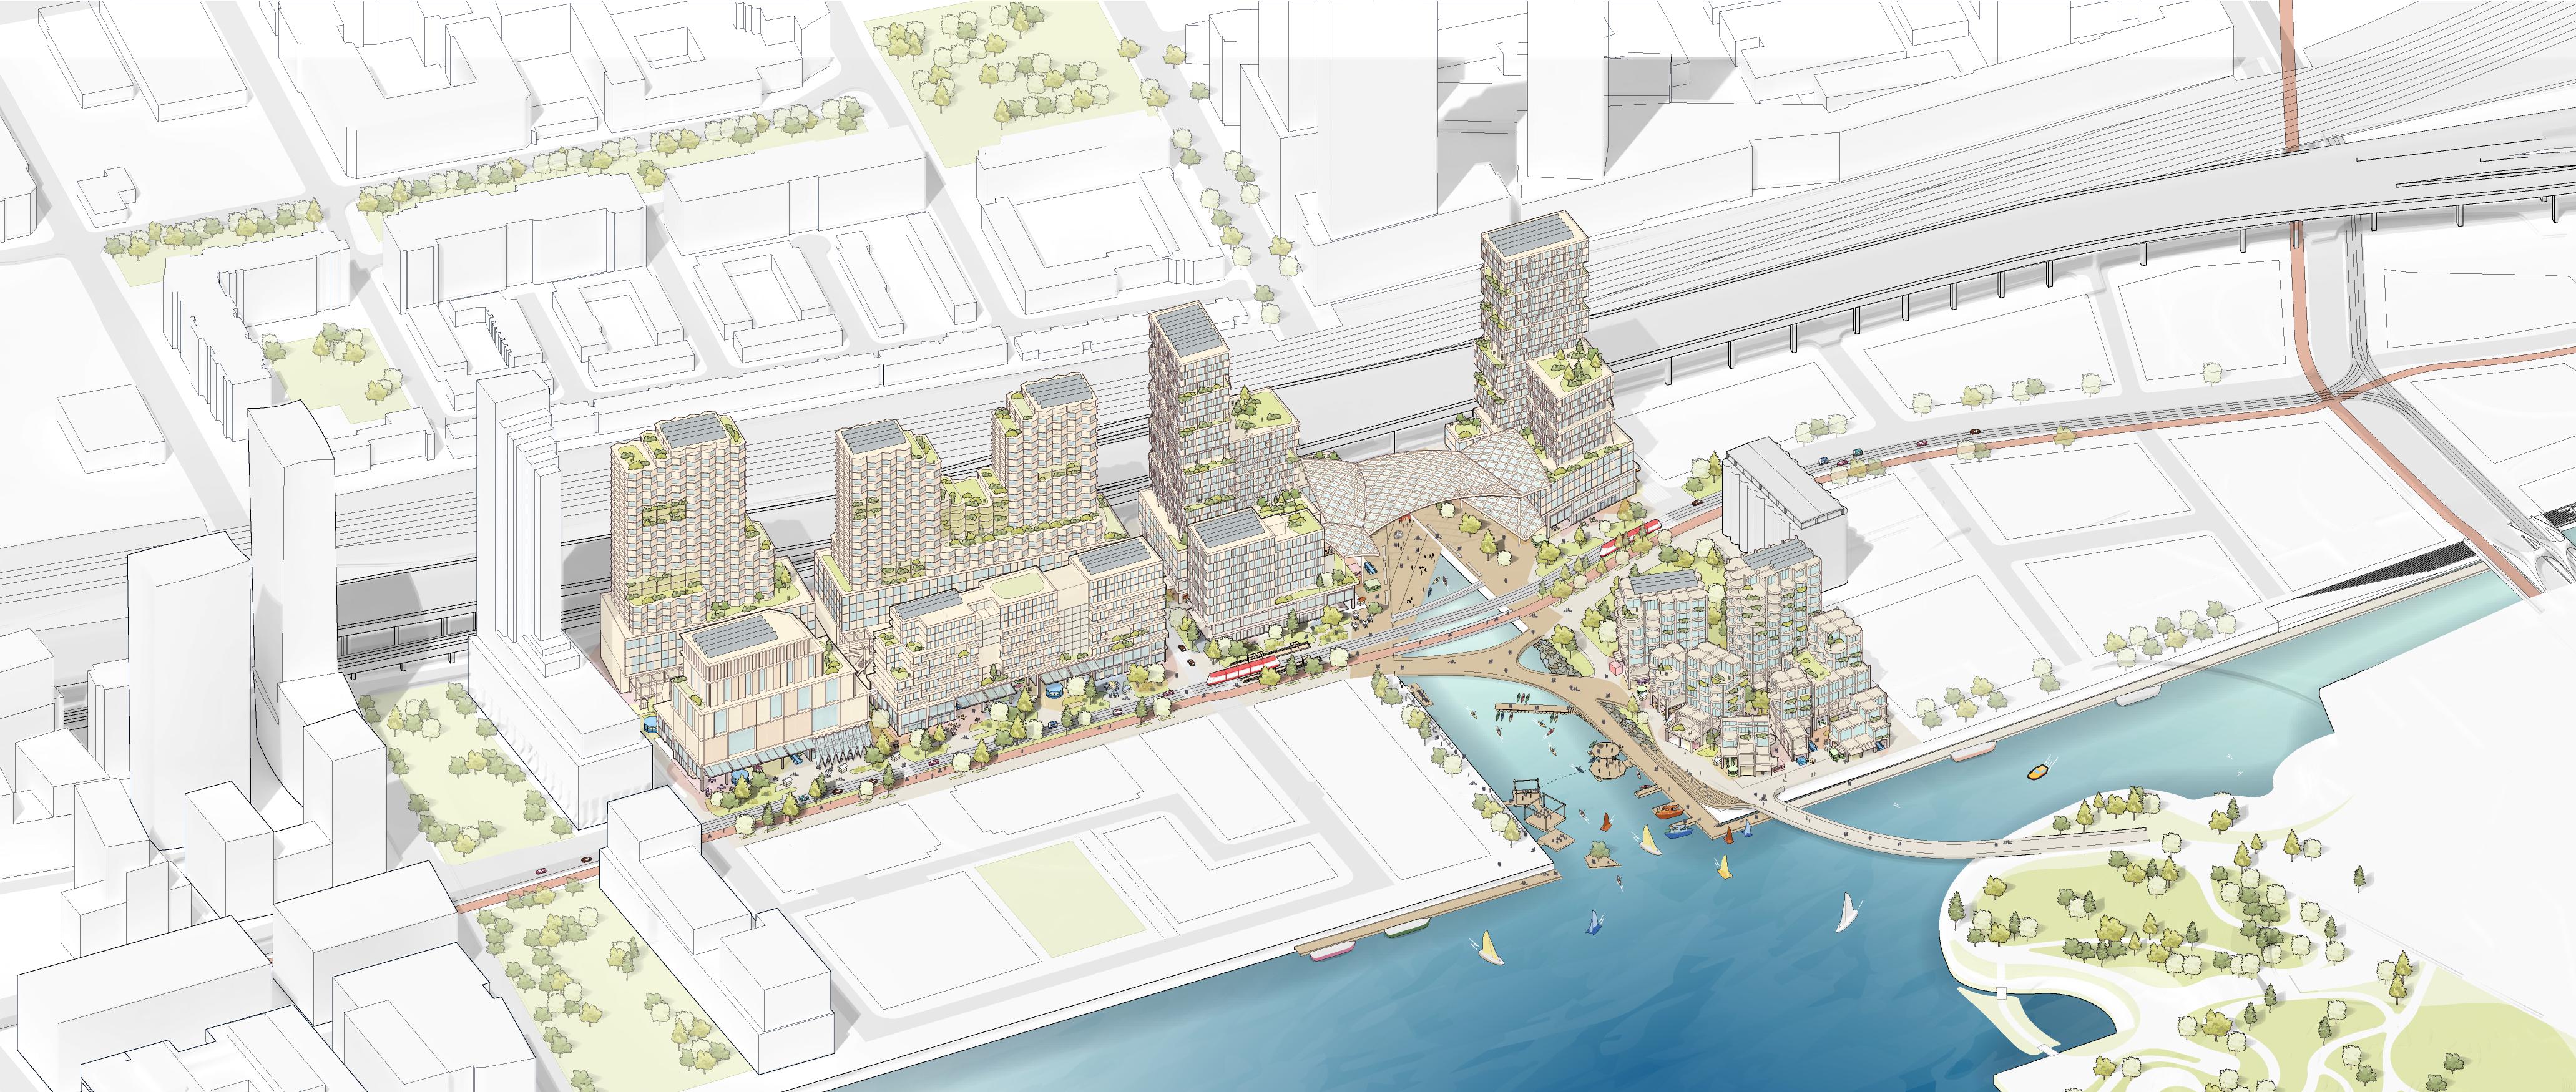 <p>De nieuwe wijk krijgt een mix-use samenstelling Beeld Sidewalk Labs</p>